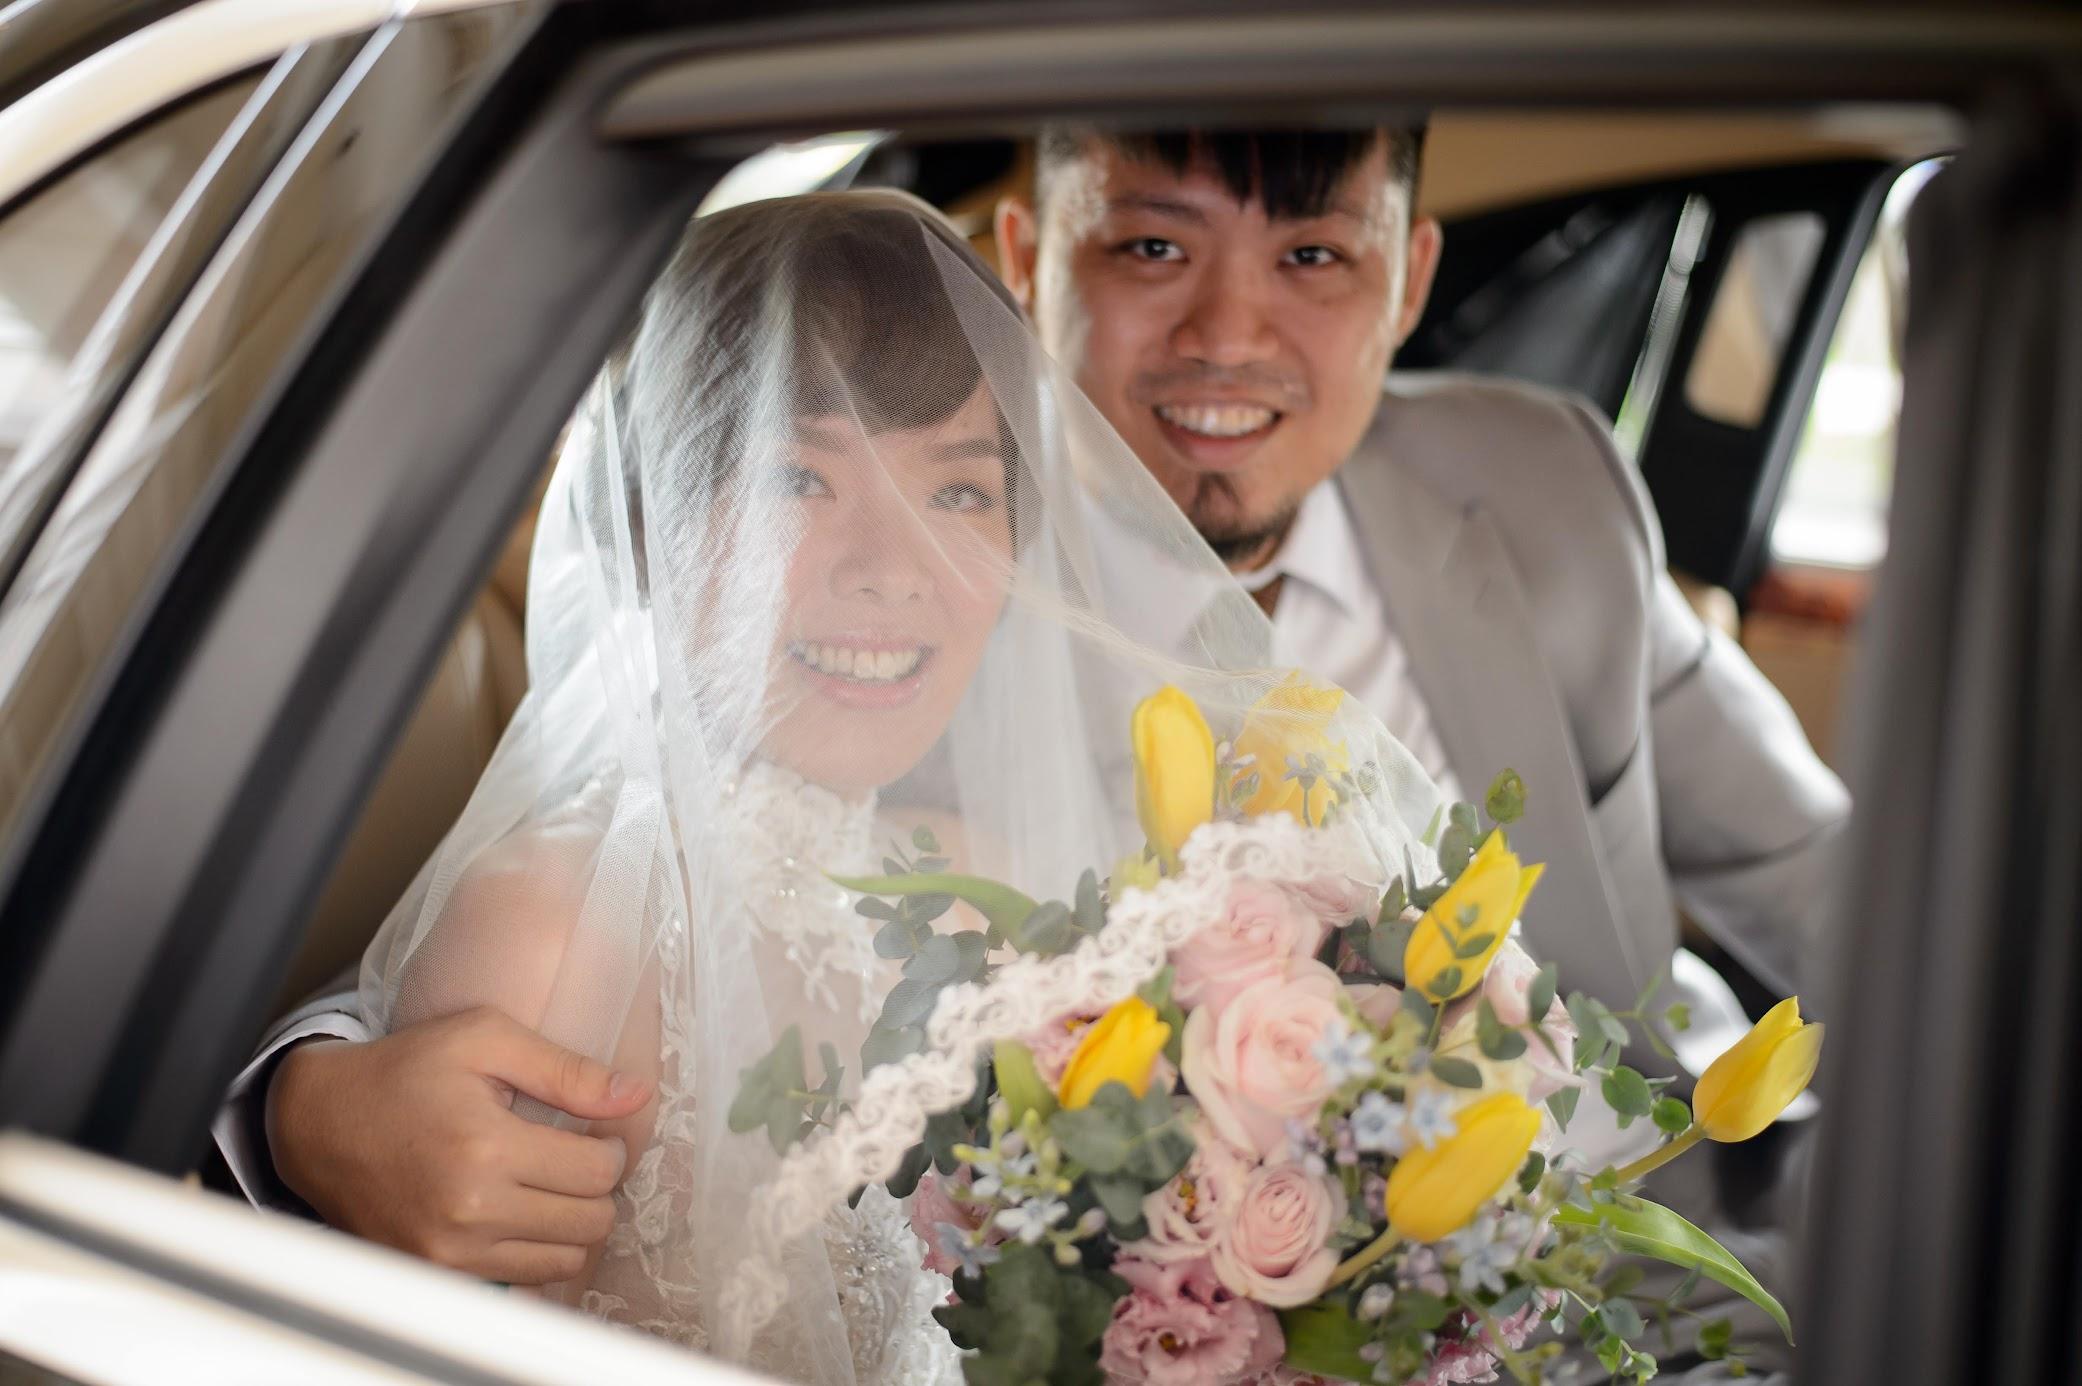 婚攝作品-婚禮攝影-台中婚攝推薦婚攝作品-婚禮攝影-台中婚攝推薦婚攝作品-婚禮攝影-台中婚攝推薦婚攝作品-婚禮攝影-台中婚攝推薦婚攝作品-婚禮攝影-台中婚攝推薦